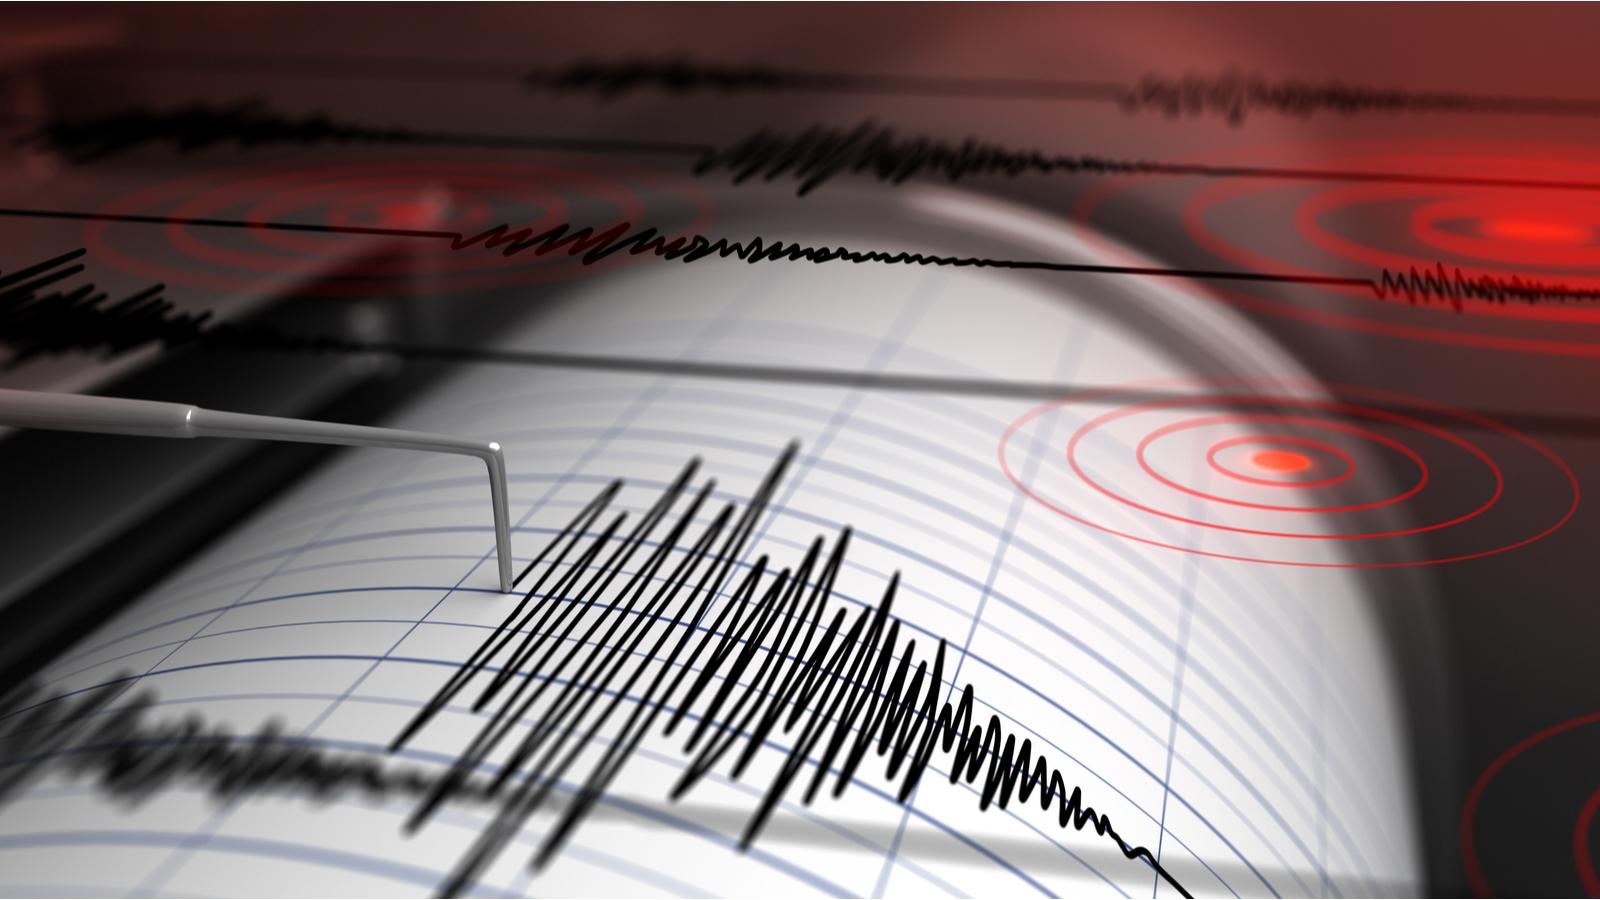 Un géophysicien américain utilise une IA pour prédire des séismes